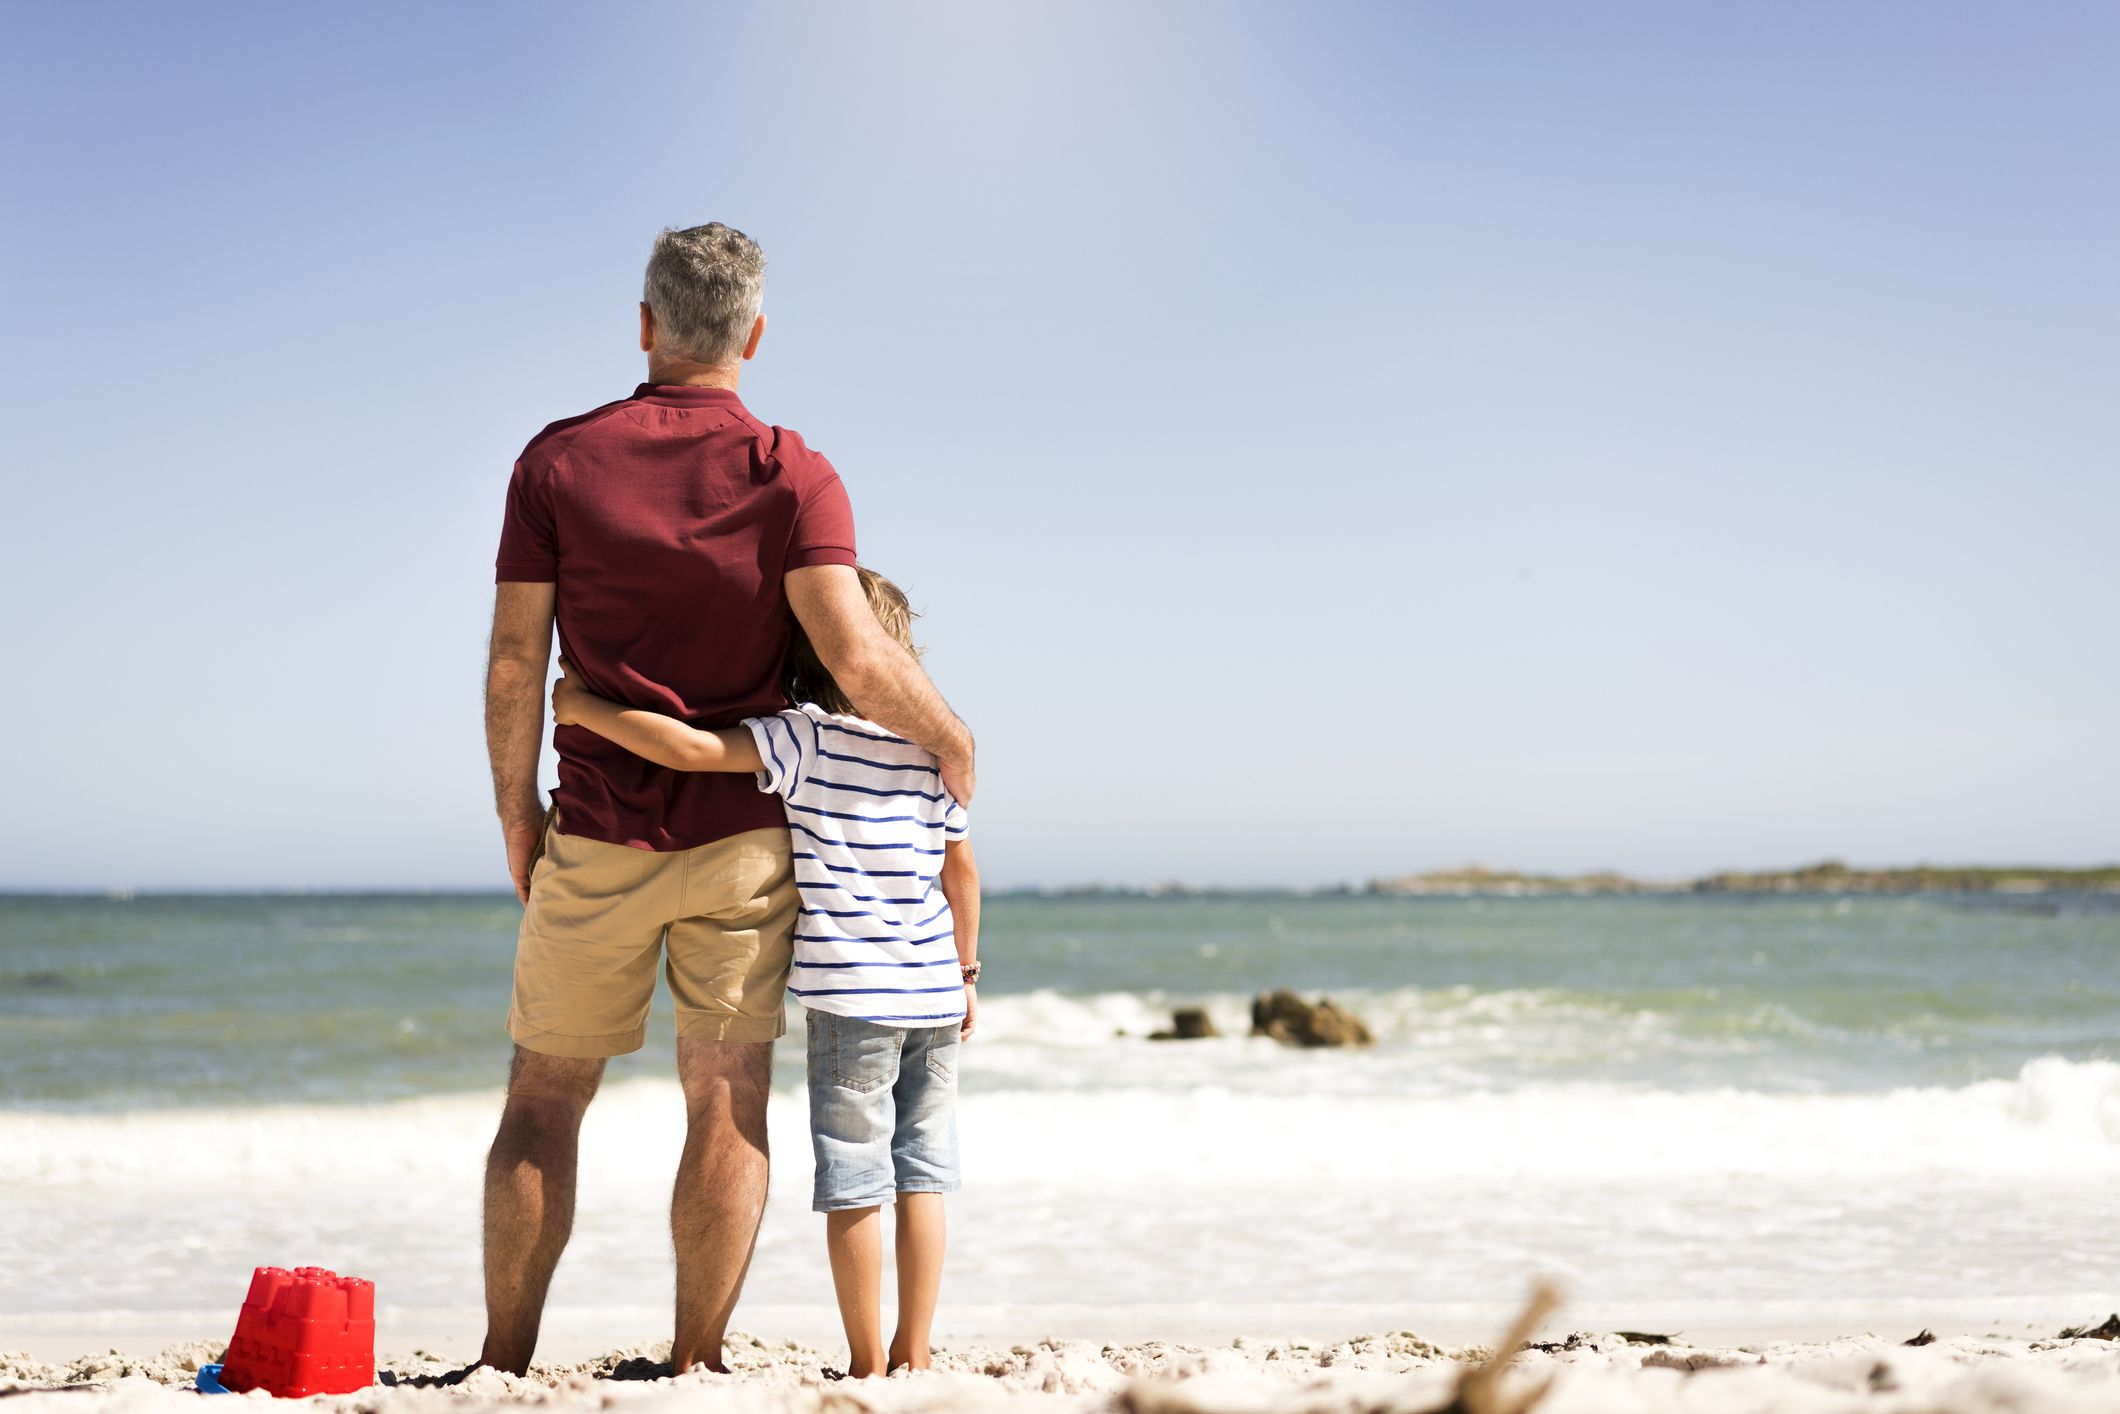 Hình ảnh cha và con cùng nhau đứng trên bờ biển cát trắng